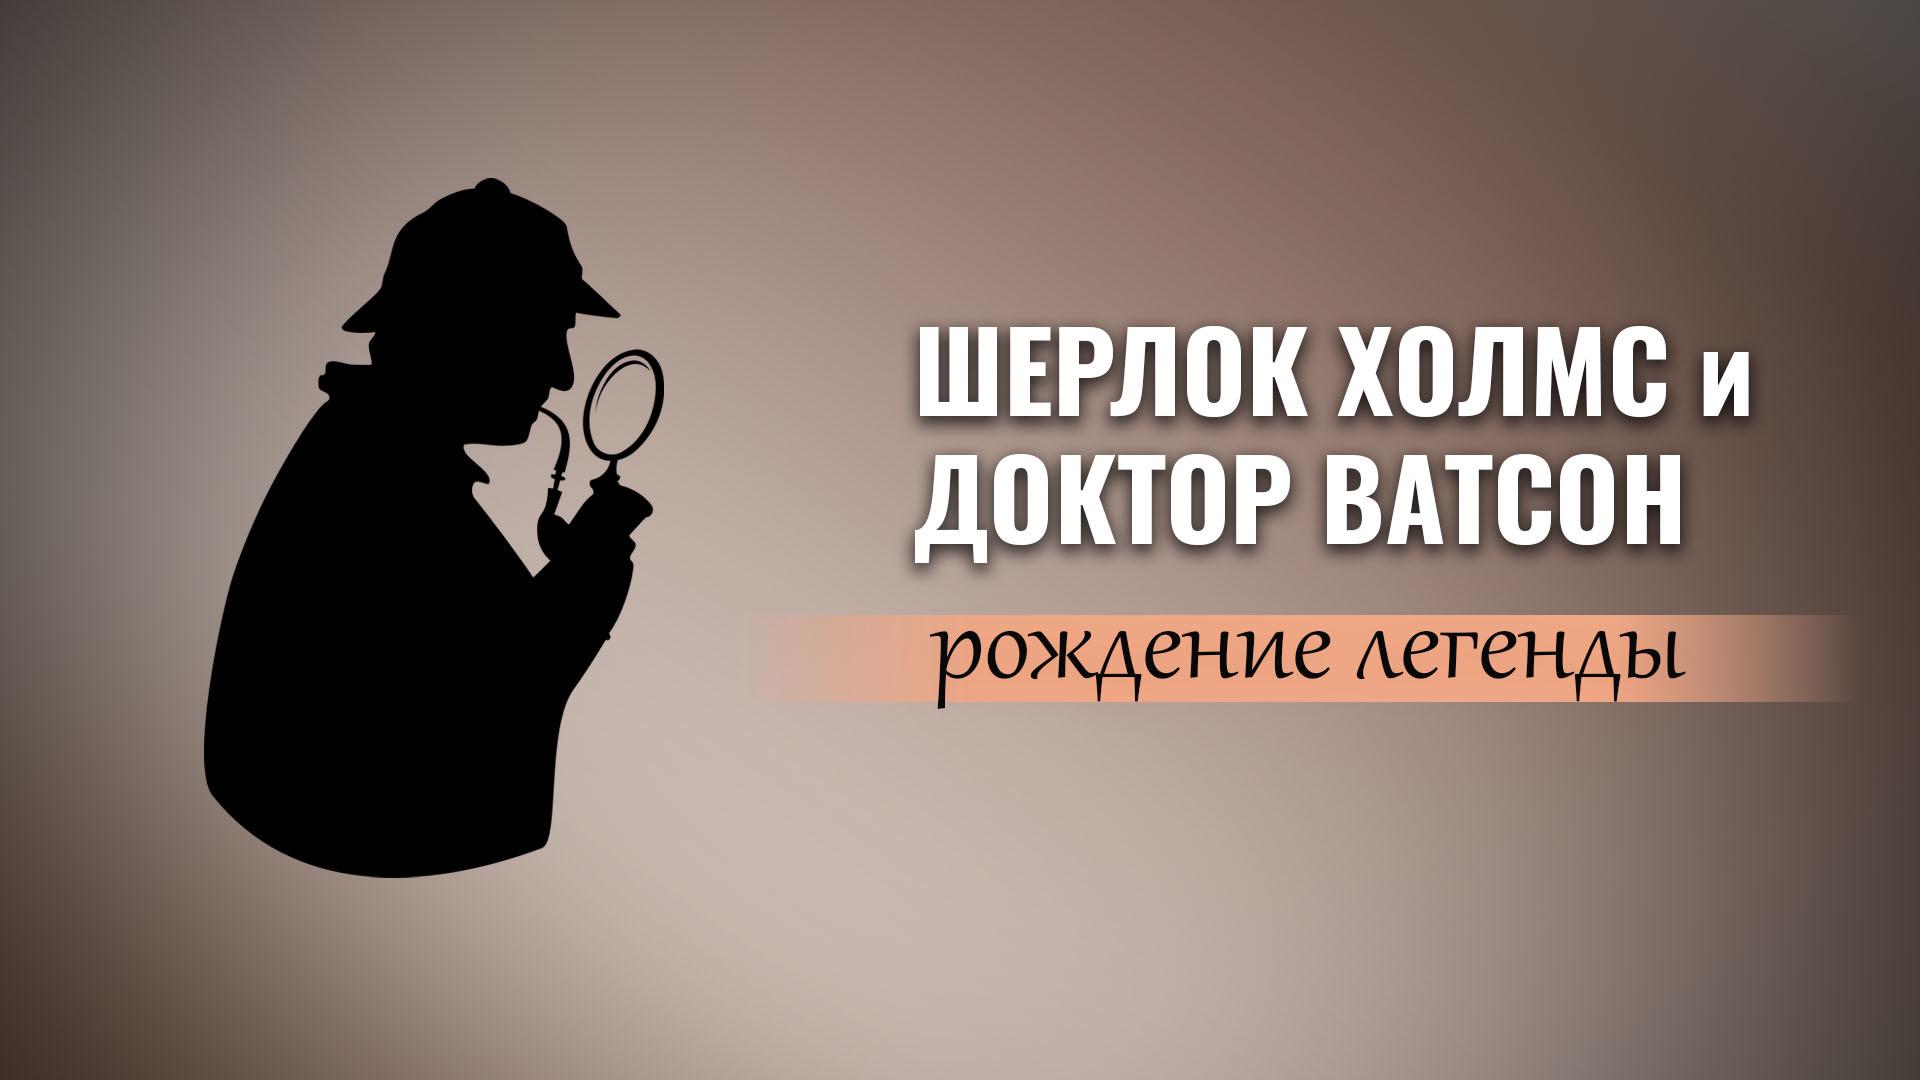 Шерлок Холмс и доктор Ватсон. Рождение легенды